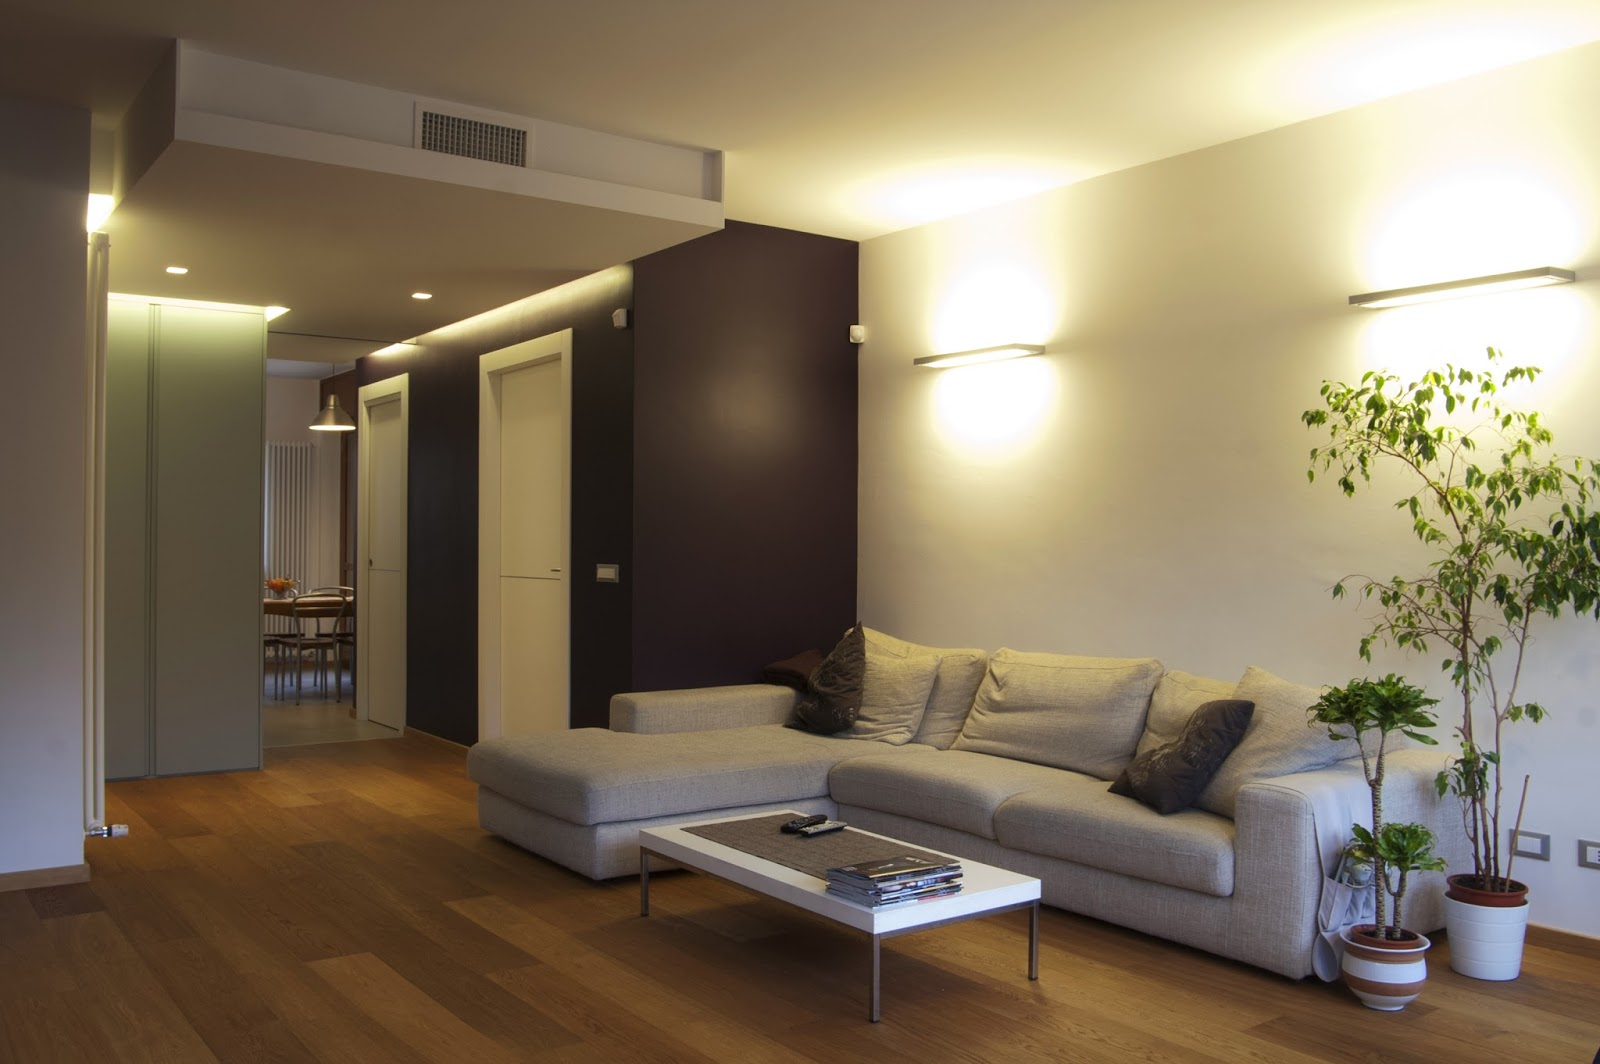 Illuminazione Soffitto Con Travi In Legno : Illuminazione soggiorno con travi a vista appartamento